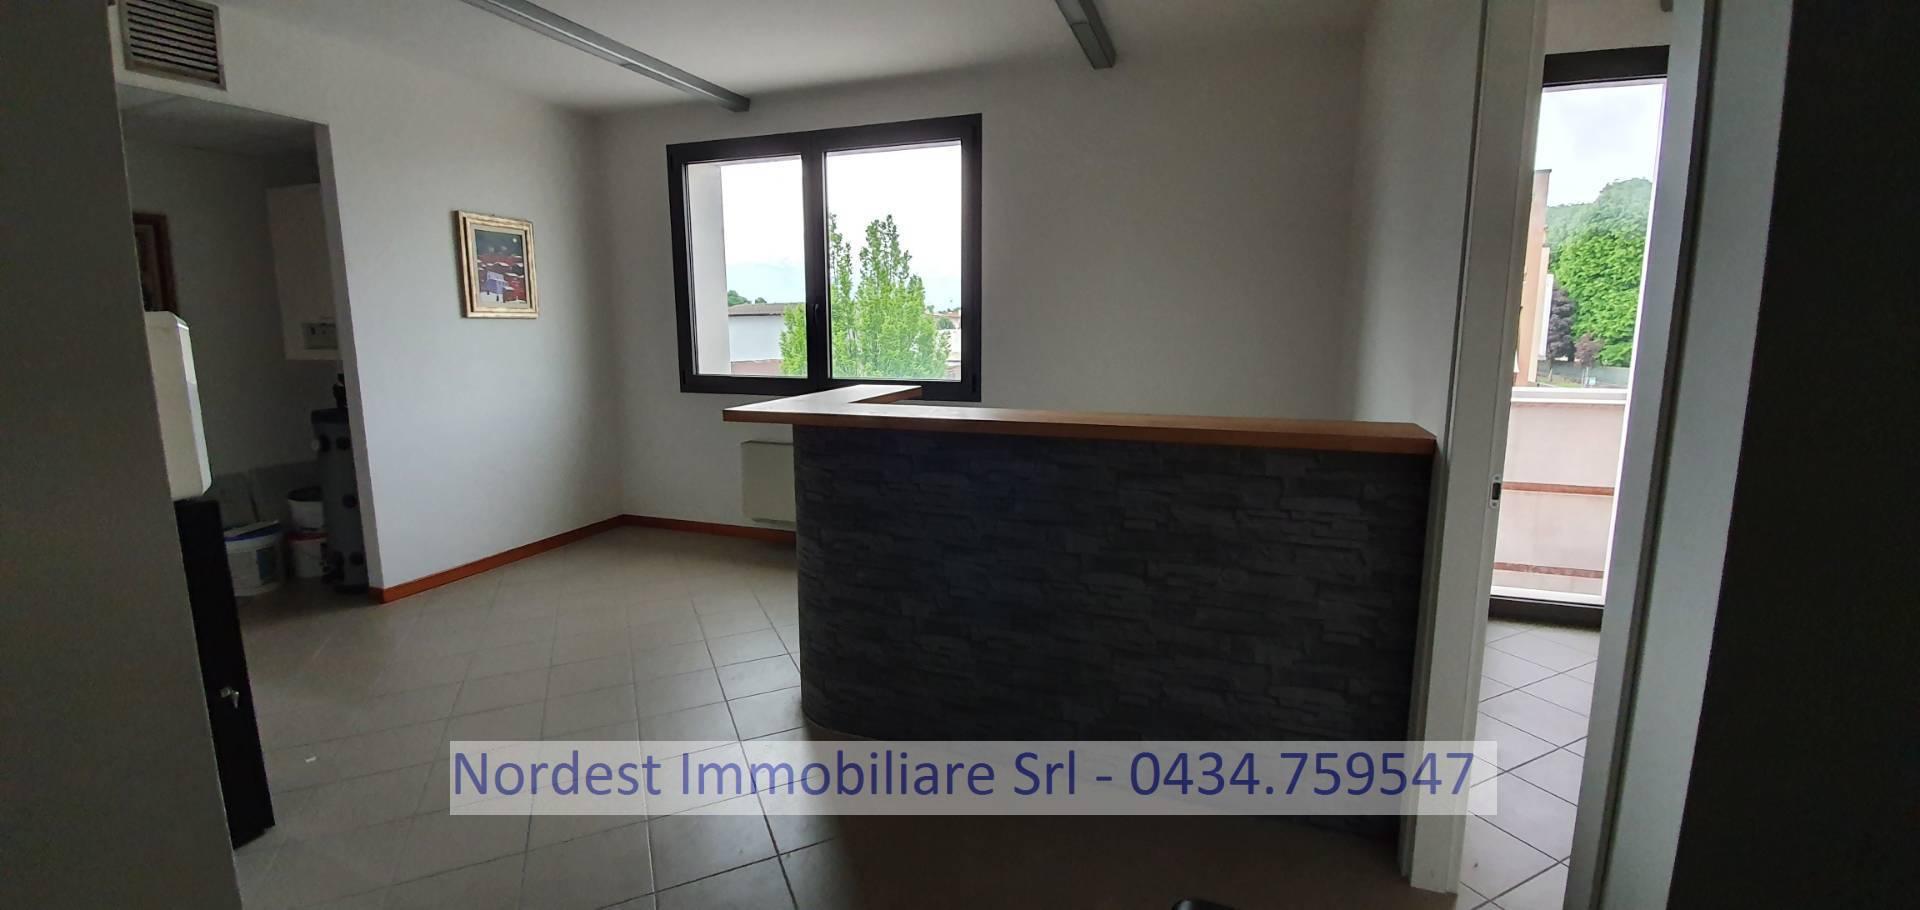 Ufficio / Studio in affitto a Brugnera, 9999 locali, Trattative riservate   CambioCasa.it